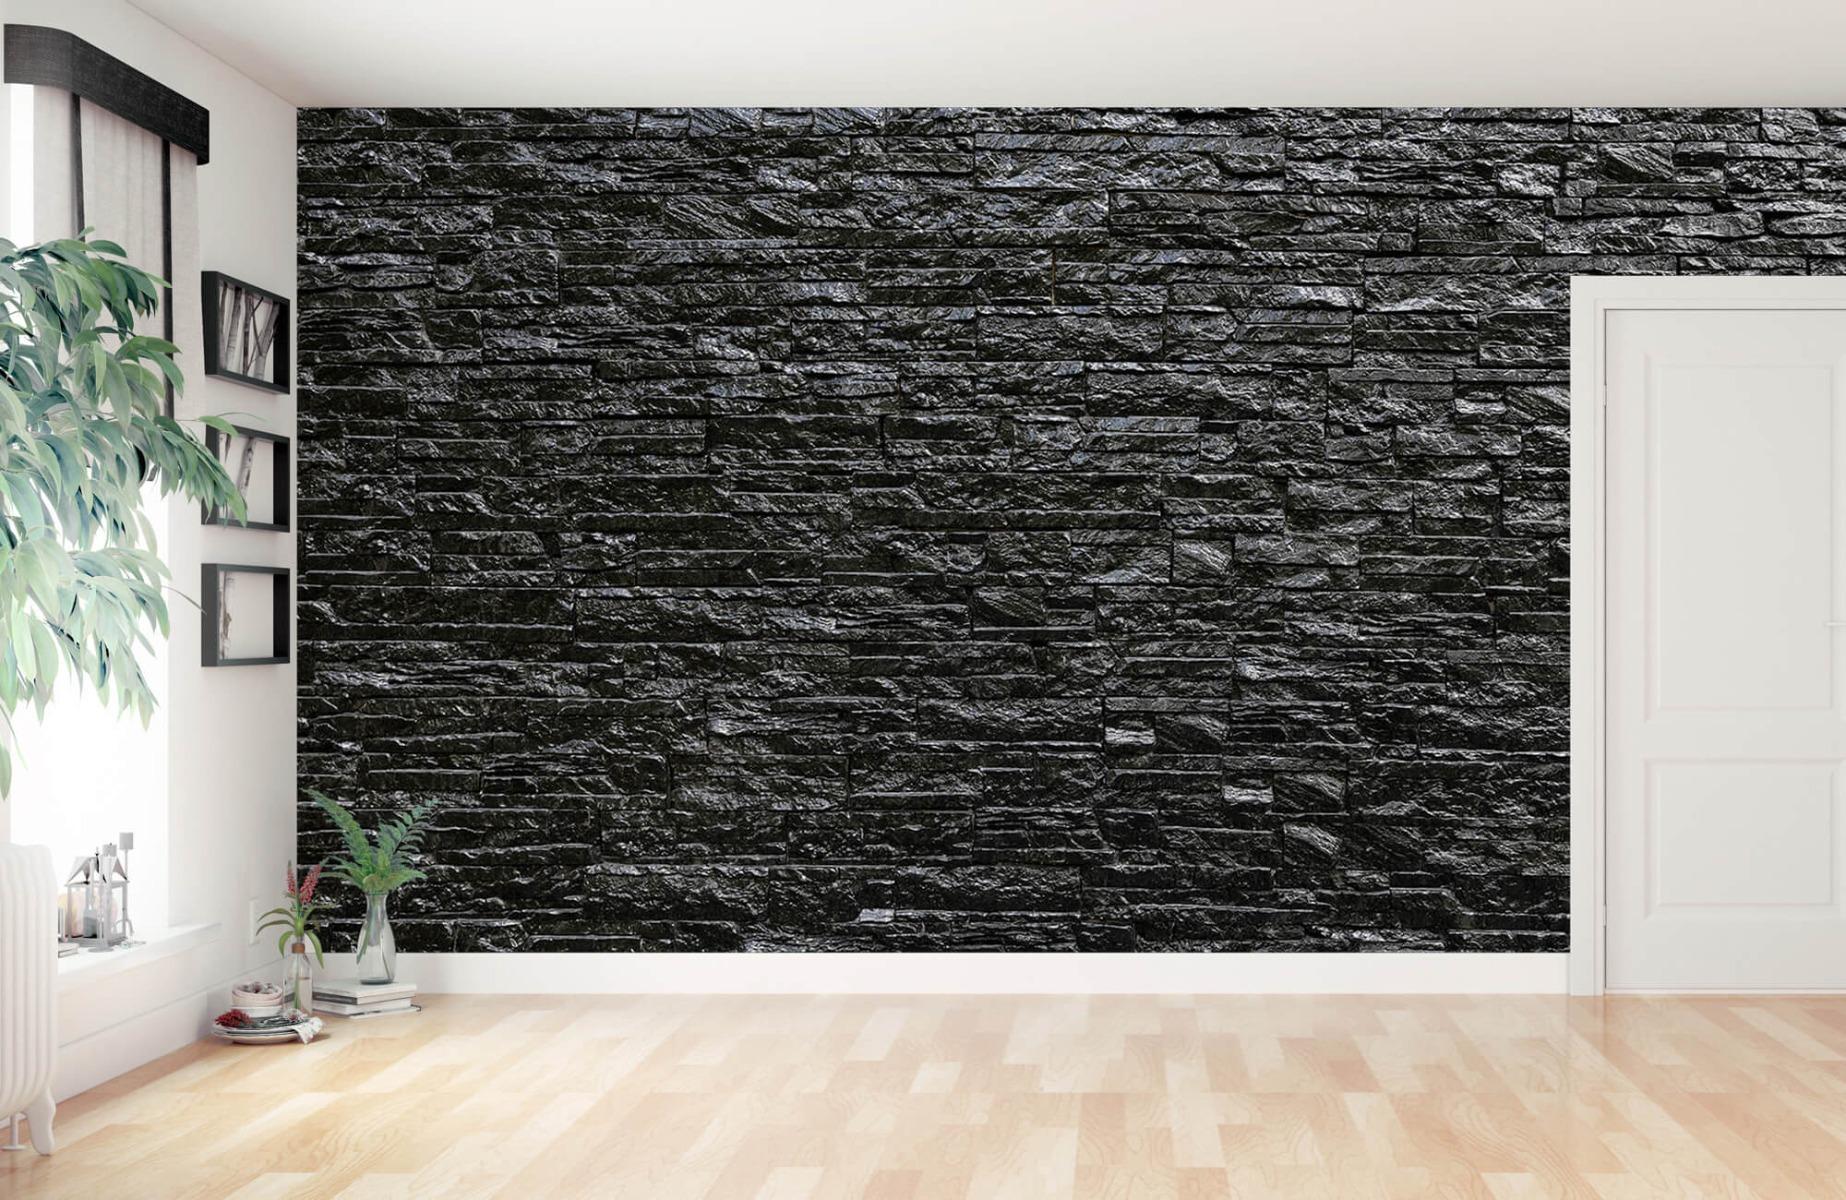 Steen behang - Zwarte stenen - Wallexclusive - Slaapkamer 11